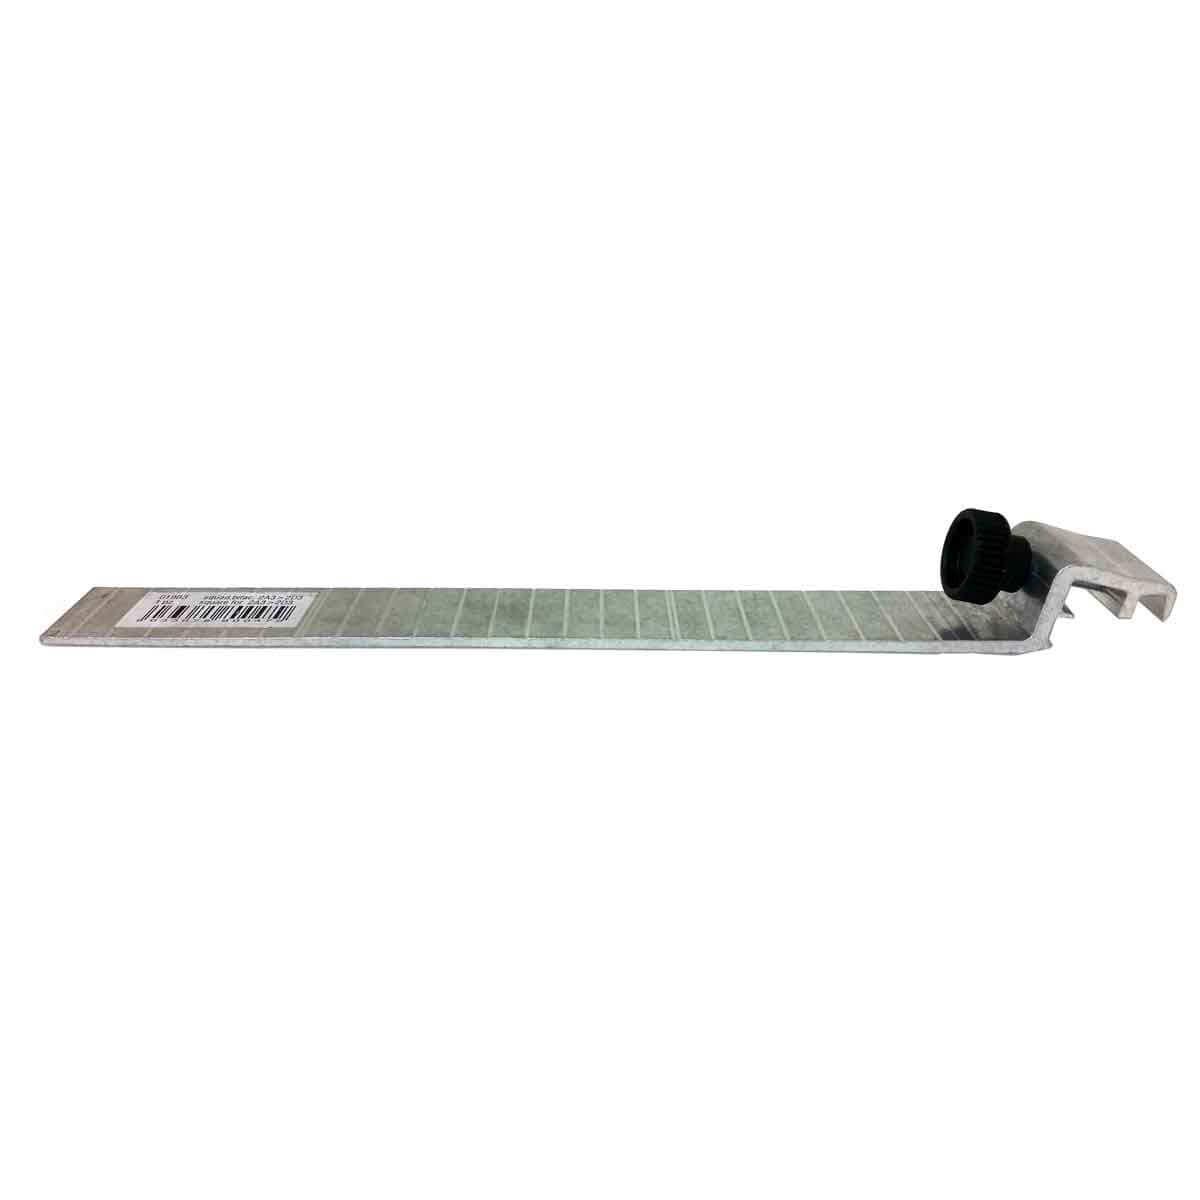 19B3 Rip Guide Knob Sigma cutter